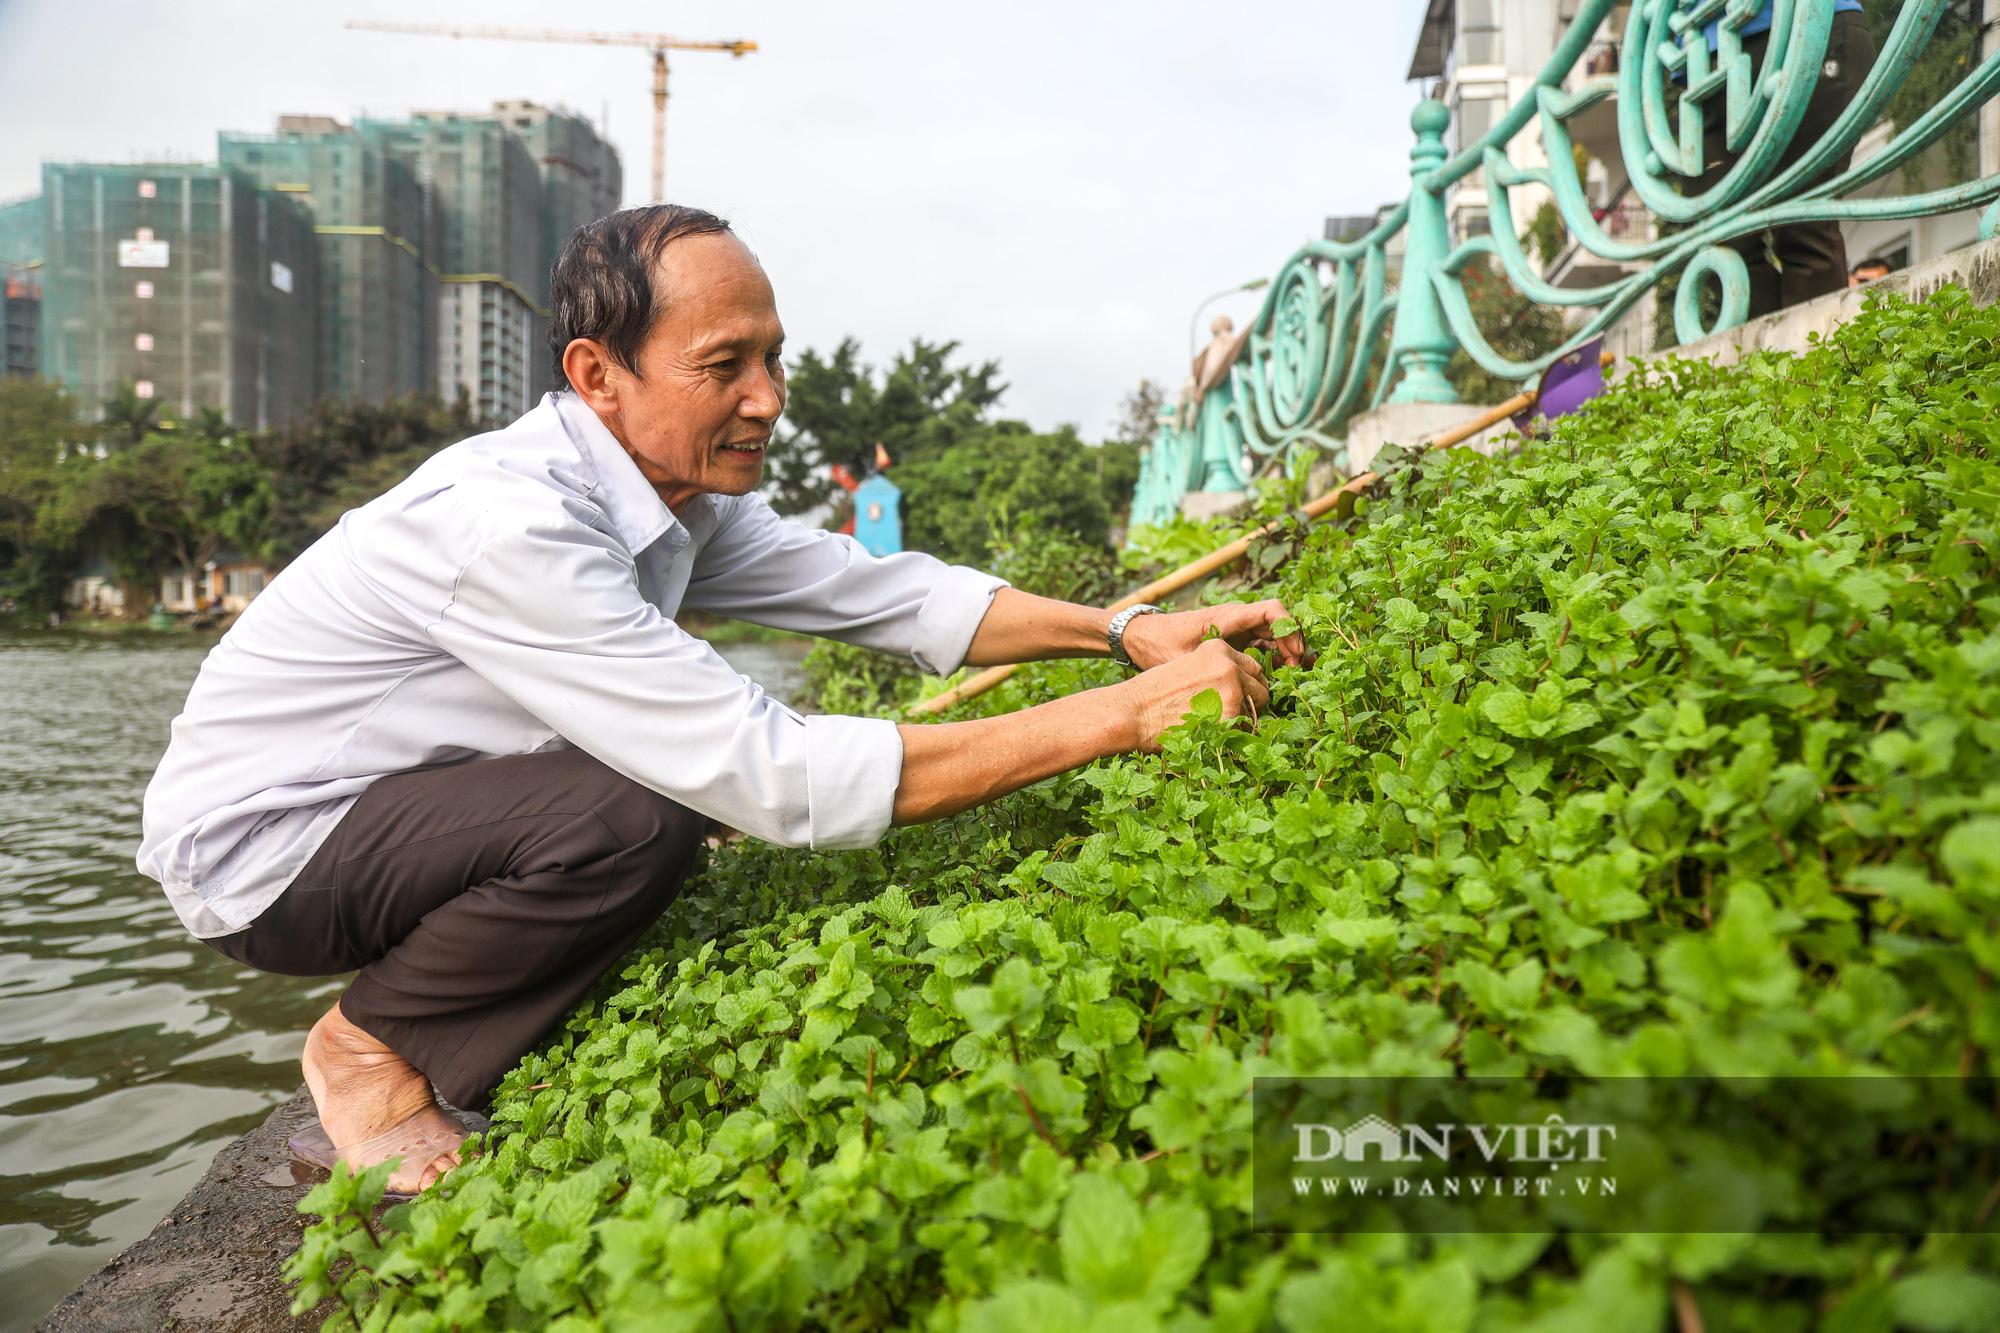 Độc đáo mô hình trồng rau hốc đá ven hồ ở Hà Nội - Ảnh 10.